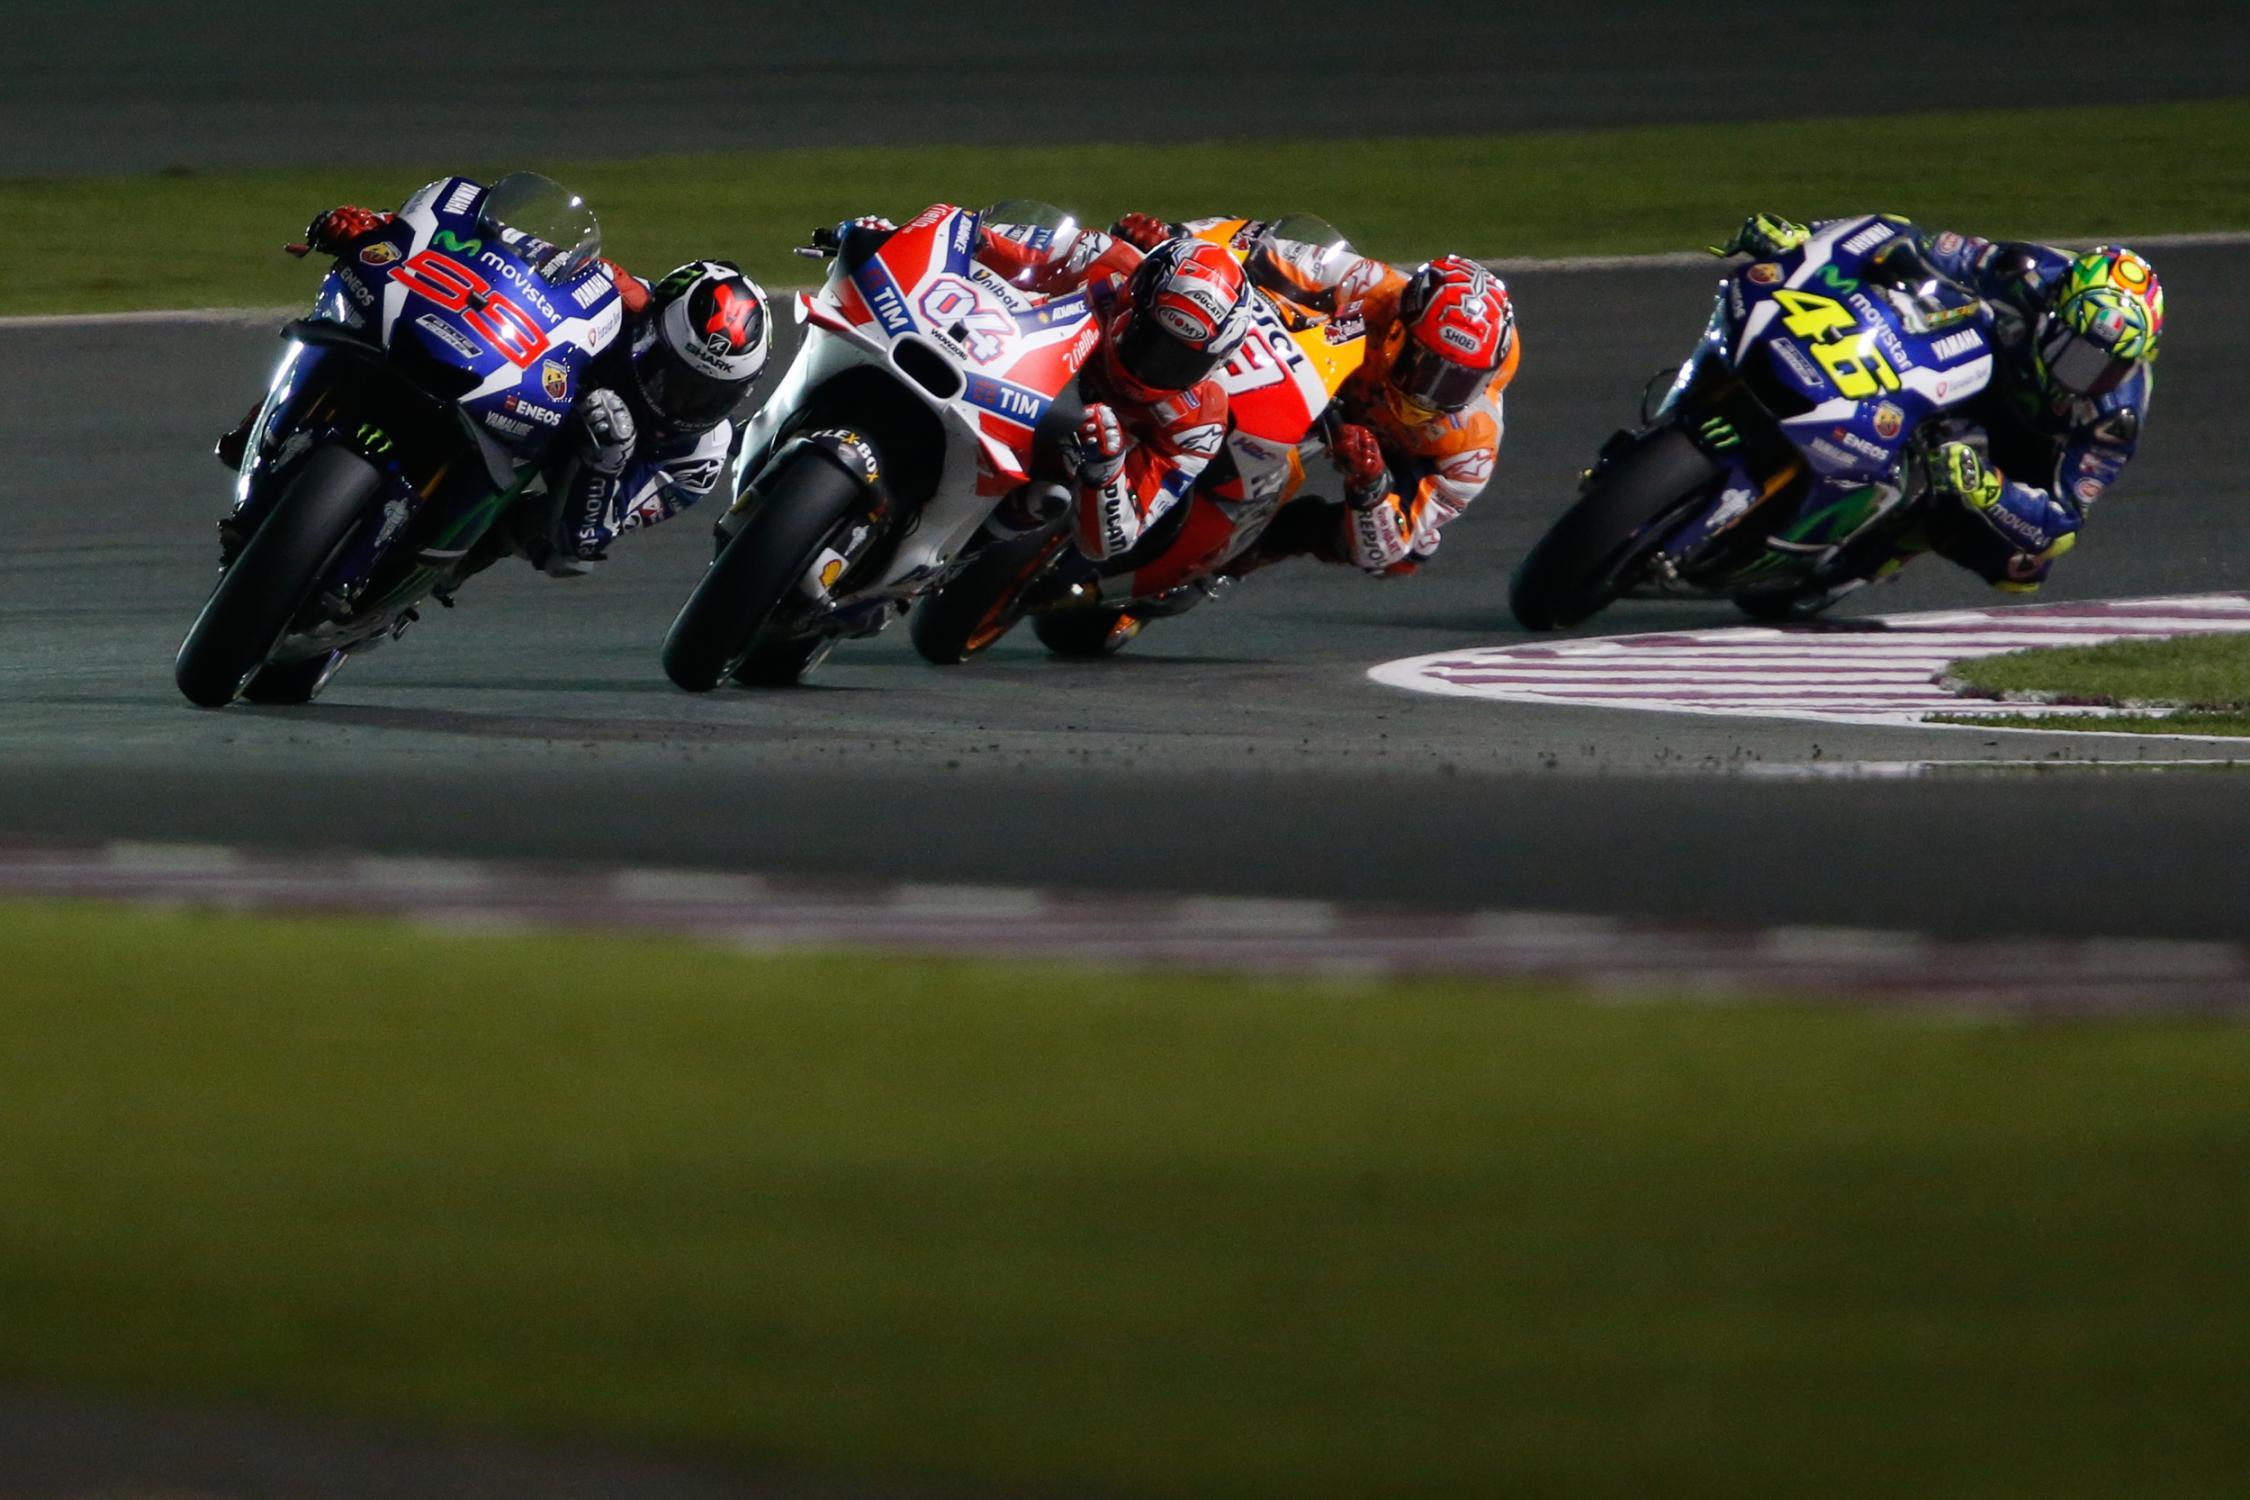 MotoGP du Qatar 2016 : les résultats | La poignée dans l'angle